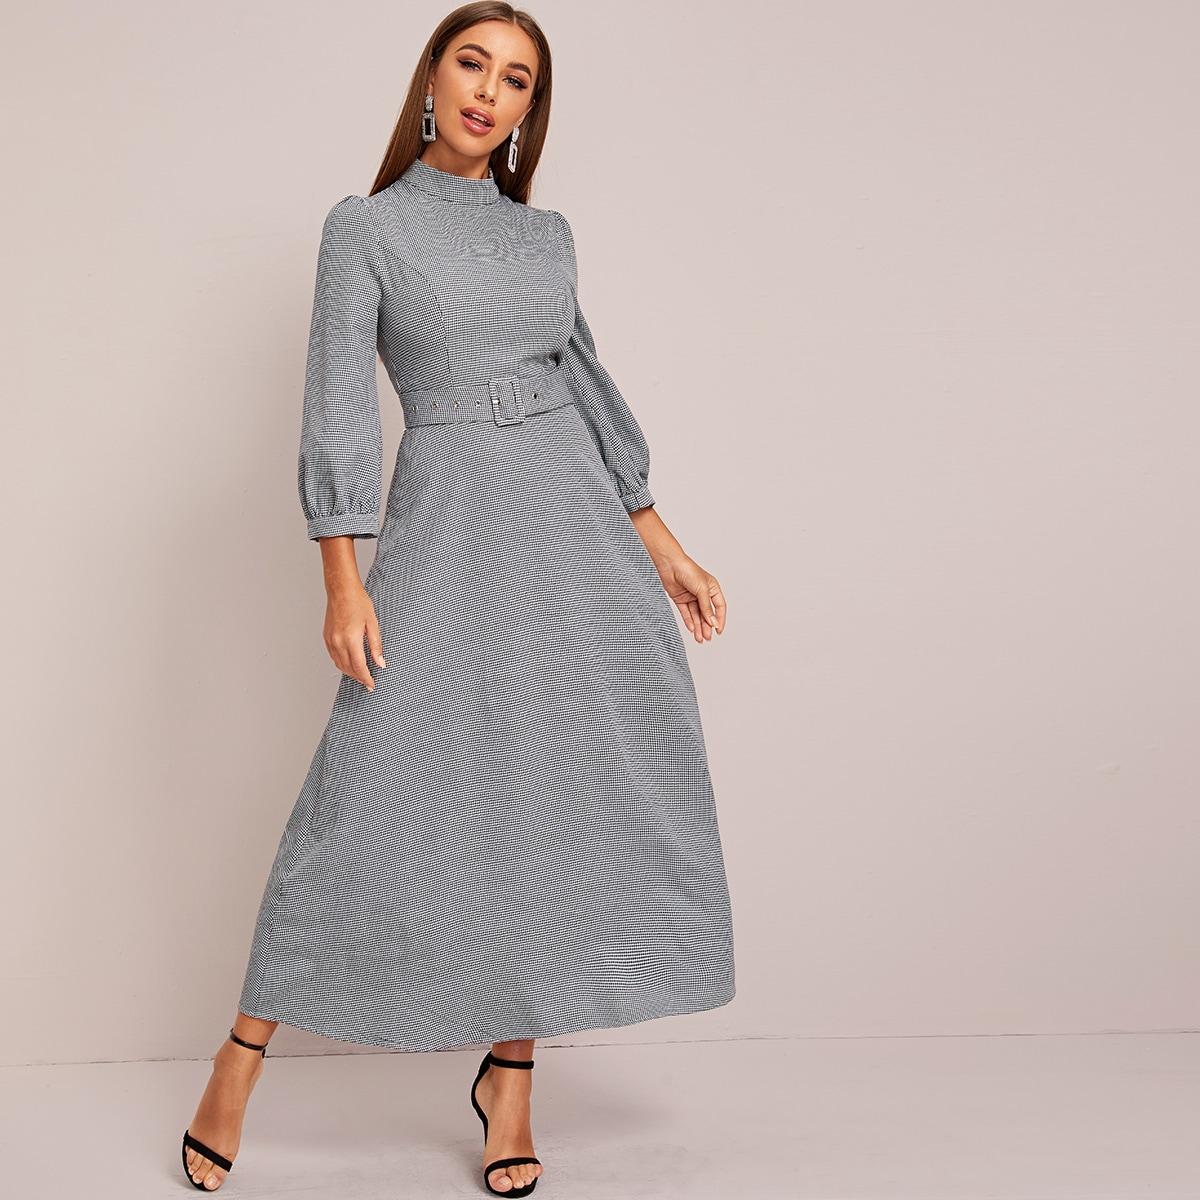 Kleid mit Stehkragen, Schnalle, Gürtel und Hahnentritt Muster